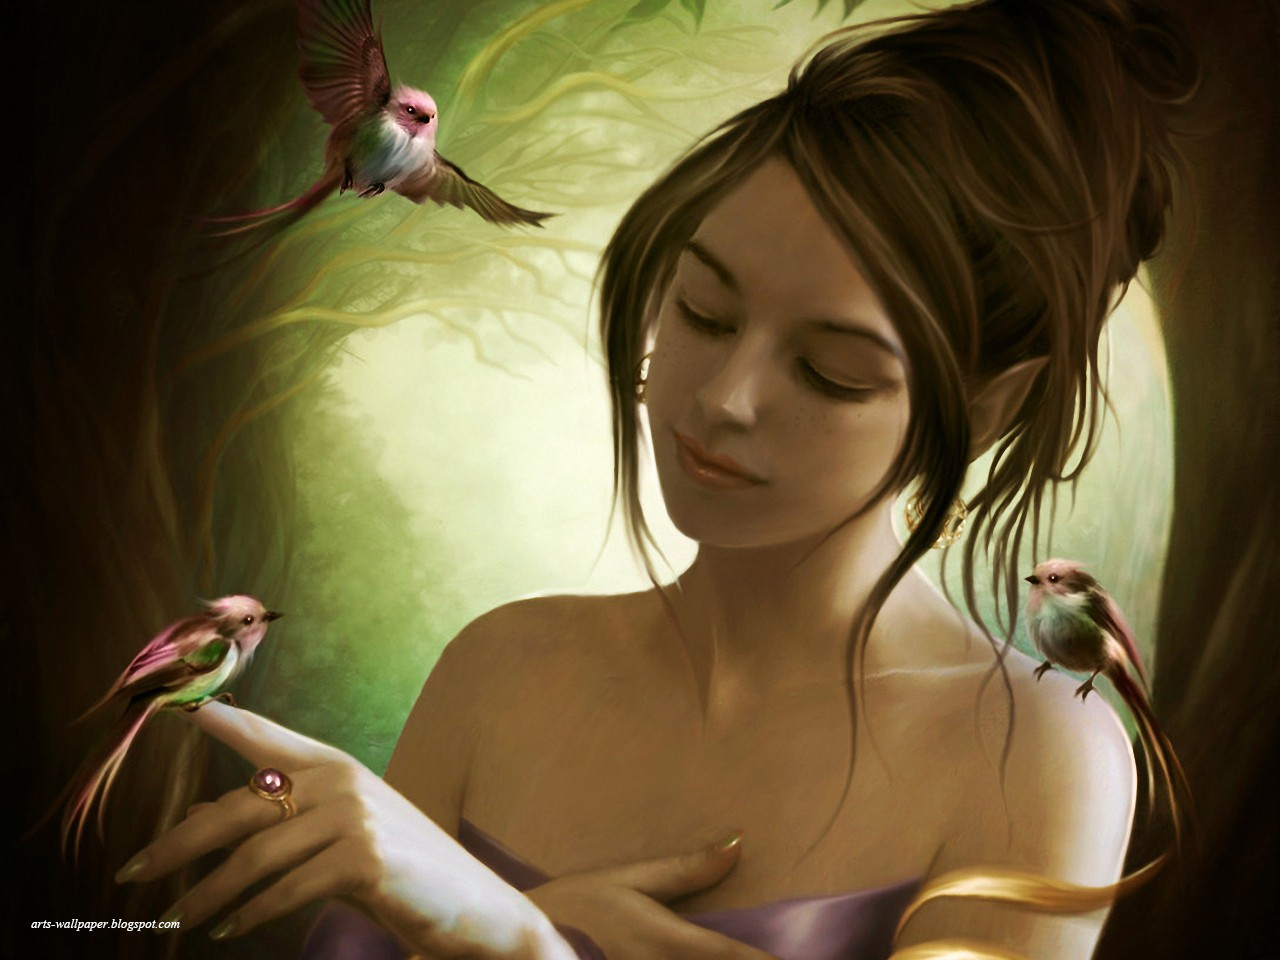 Сказочные девушки фото на аву